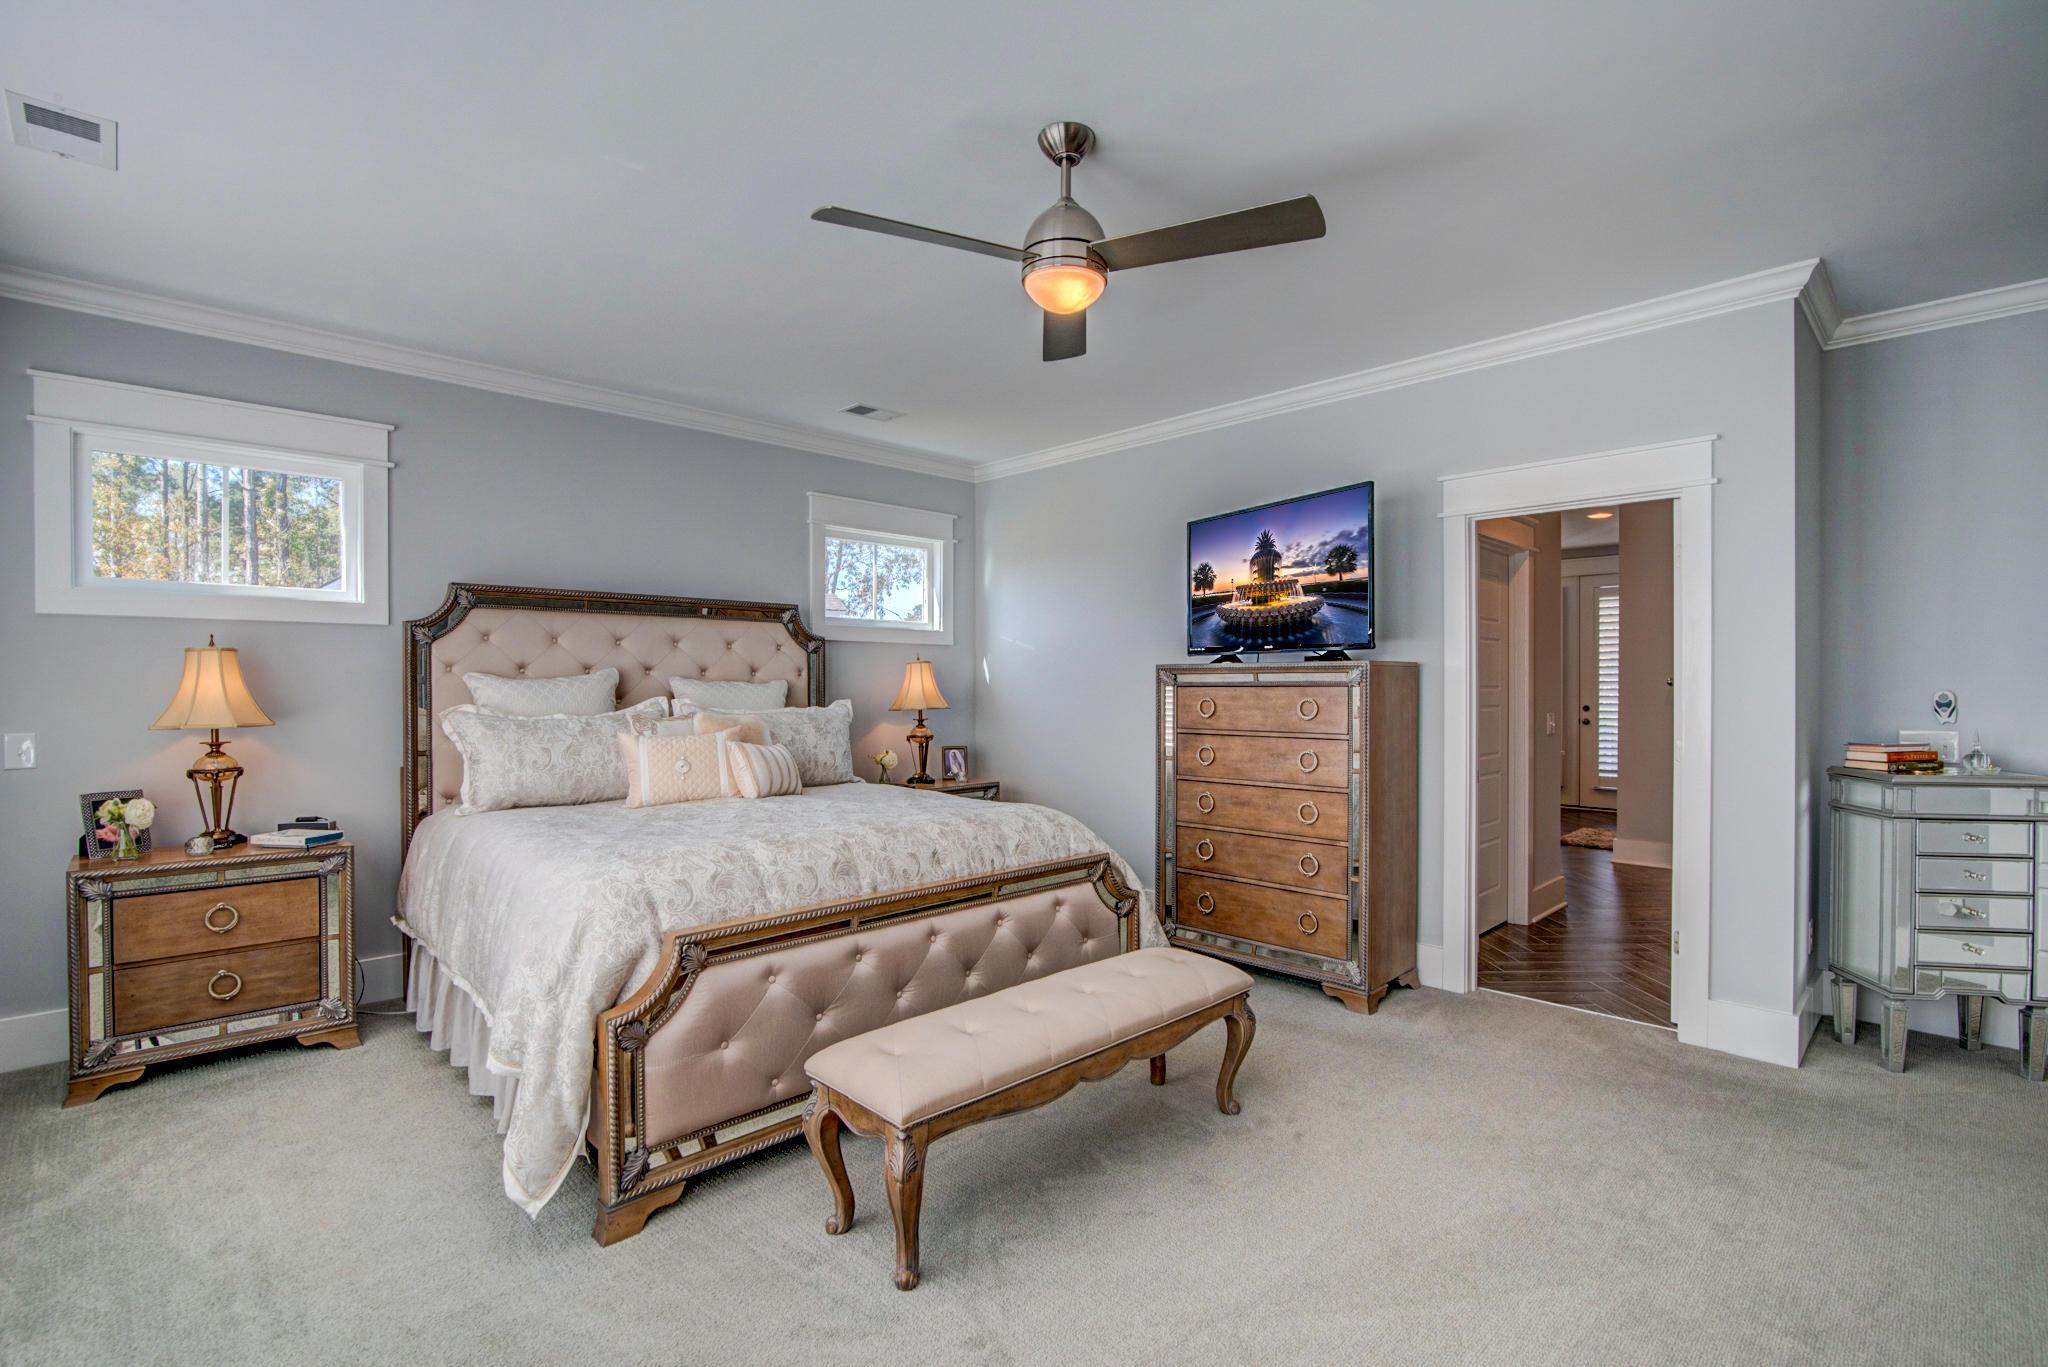 Dunes West Homes For Sale - 2883 River Vista, Mount Pleasant, SC - 38